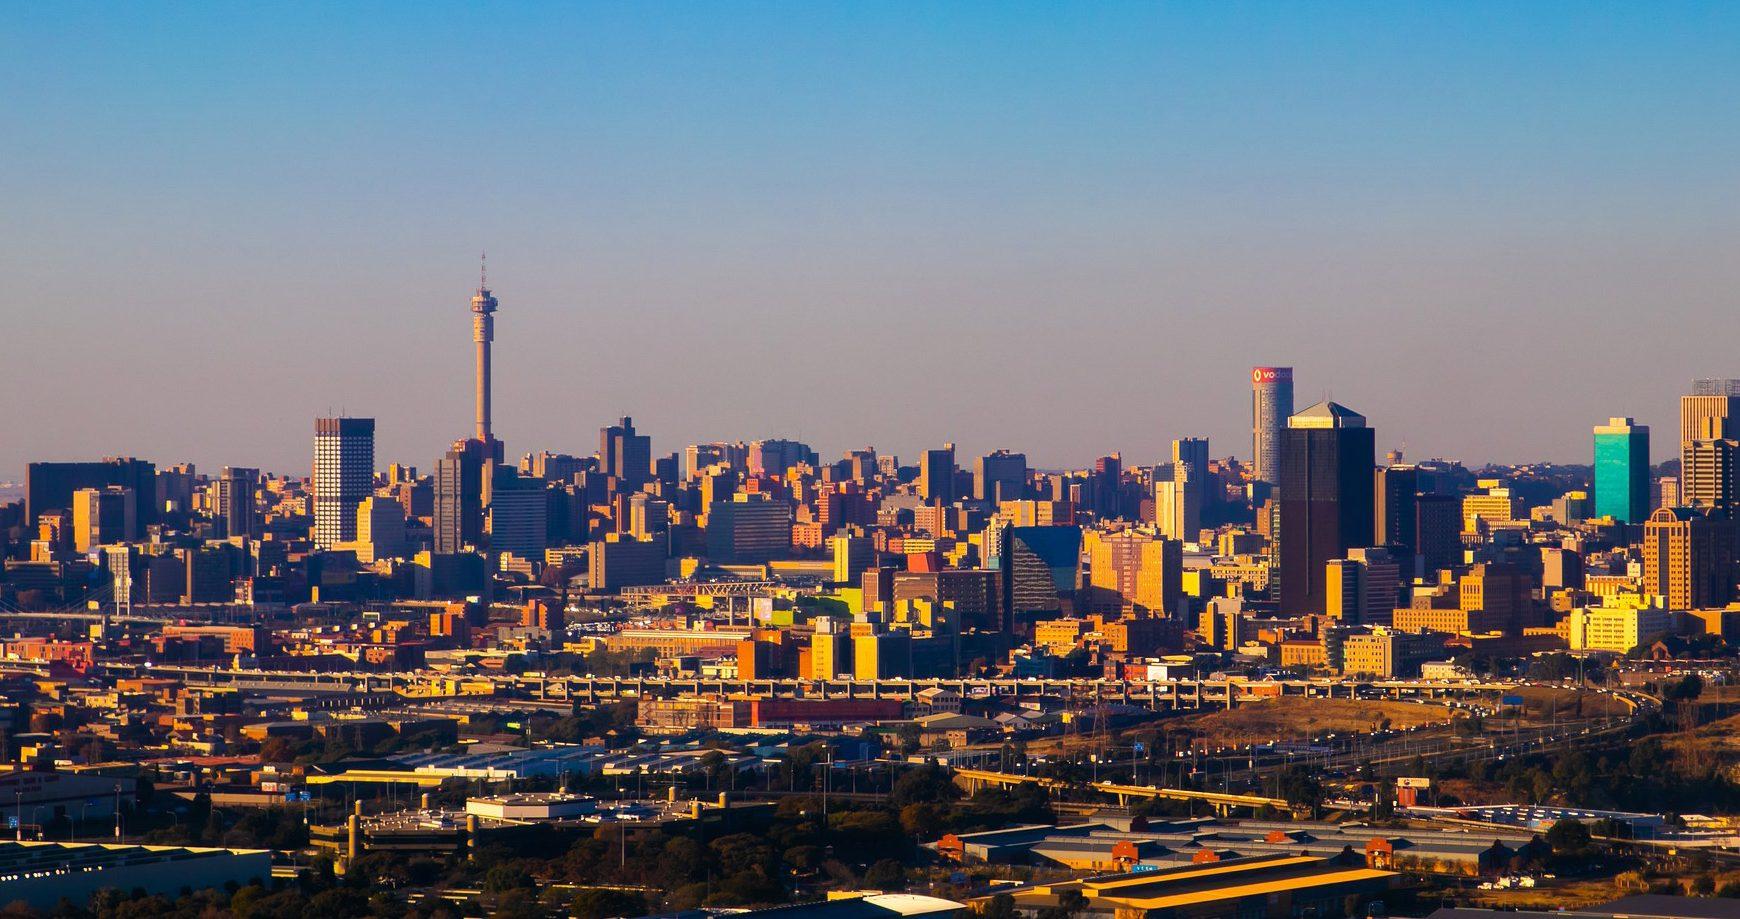 Juhoafrických poskytovateľov internetu ochromili rozsiahle DDoS útoky